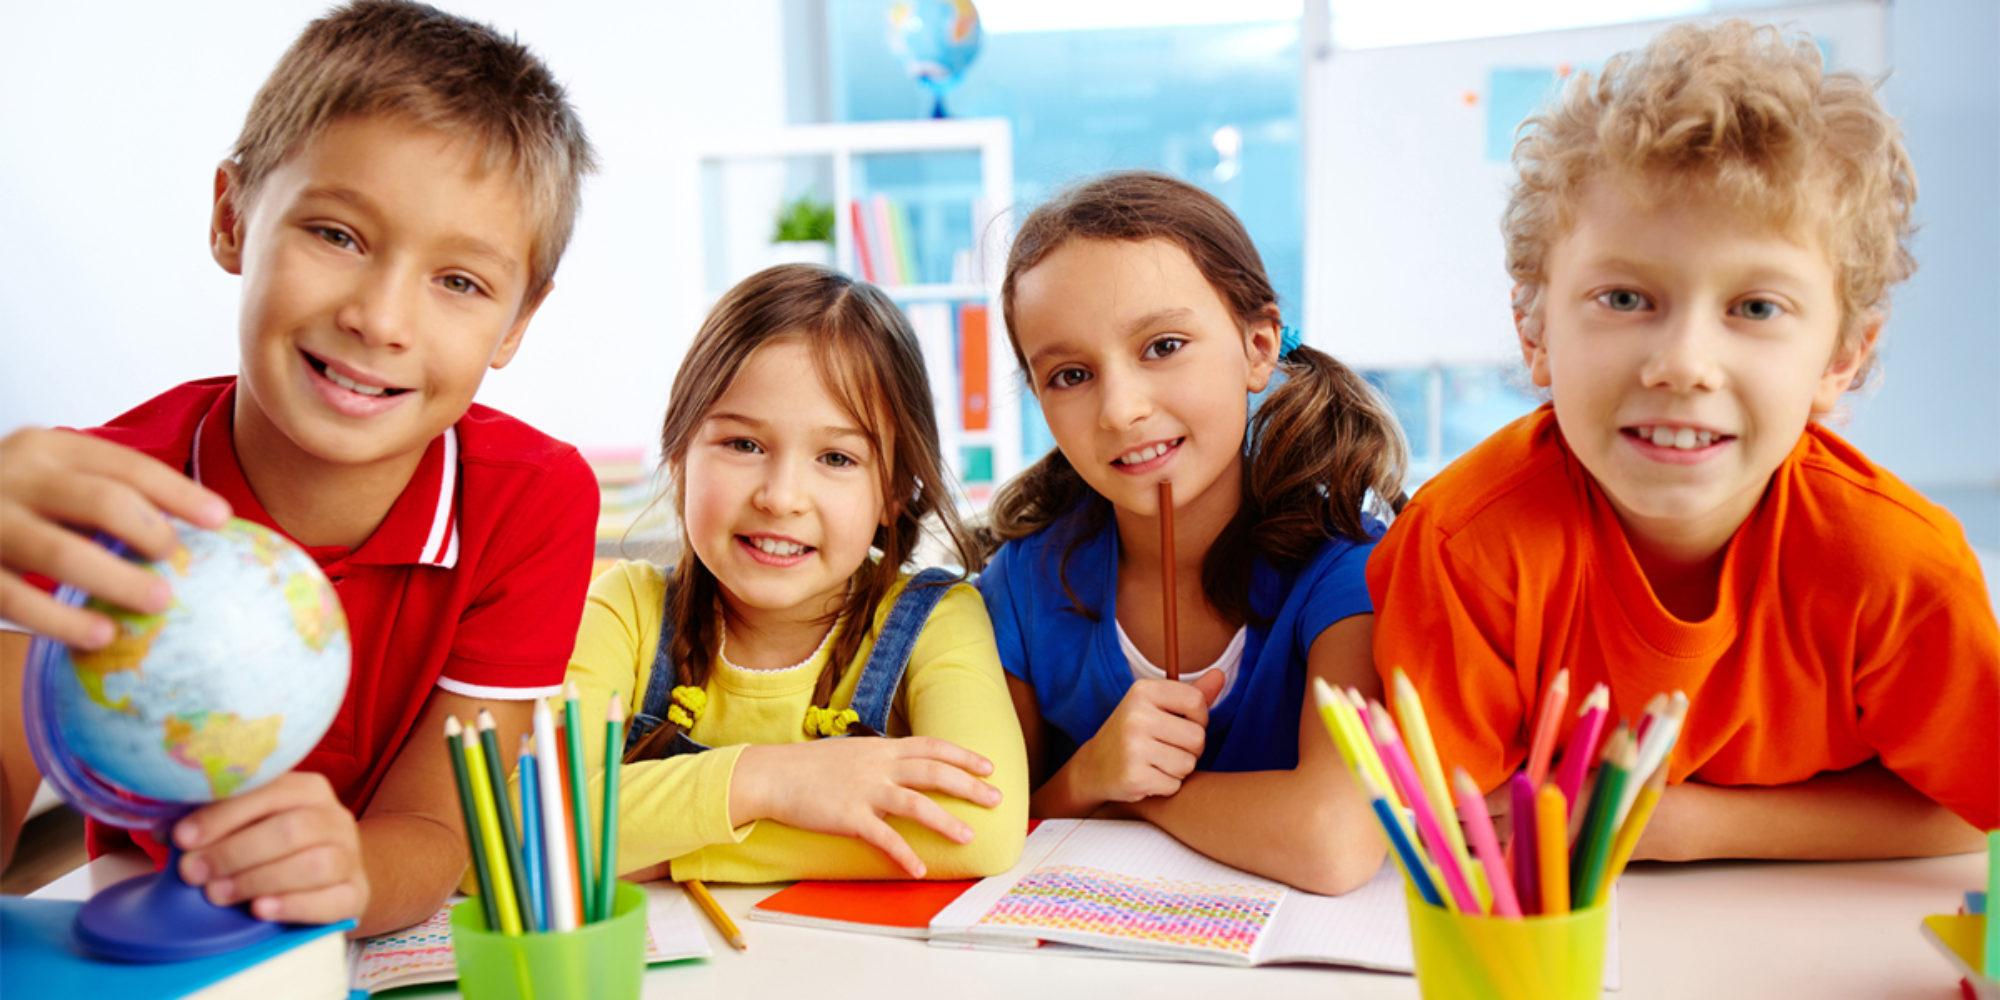 日本人学校、インタースクールに通われている 子ども向けクアラルンプールの日本語の塾